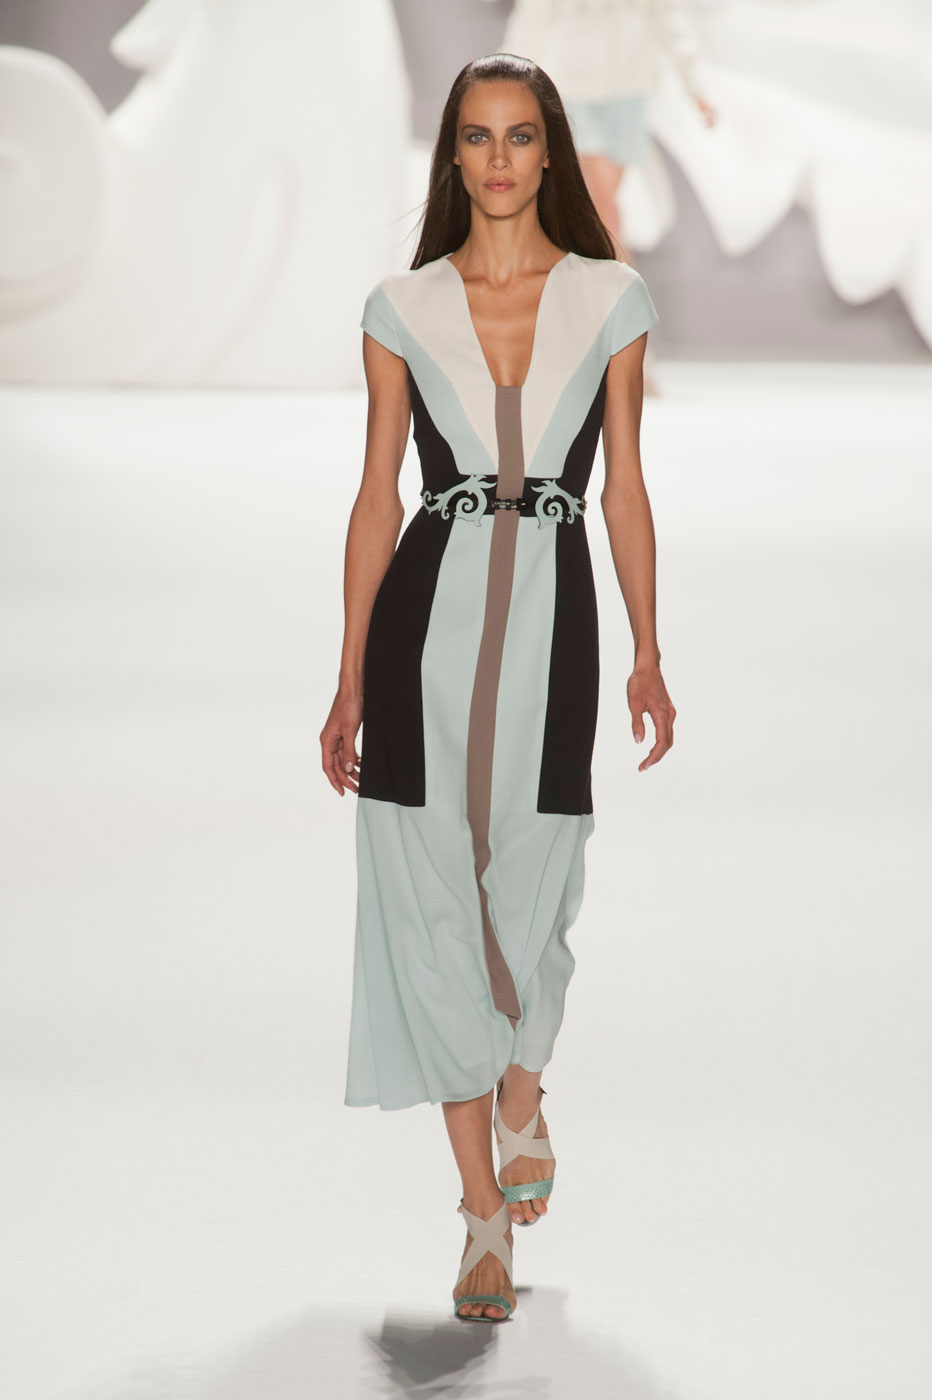 cdf4ab667e Colección Primavera/Verano 2013 de Carolina Herrera | Moda, Pasarela ...